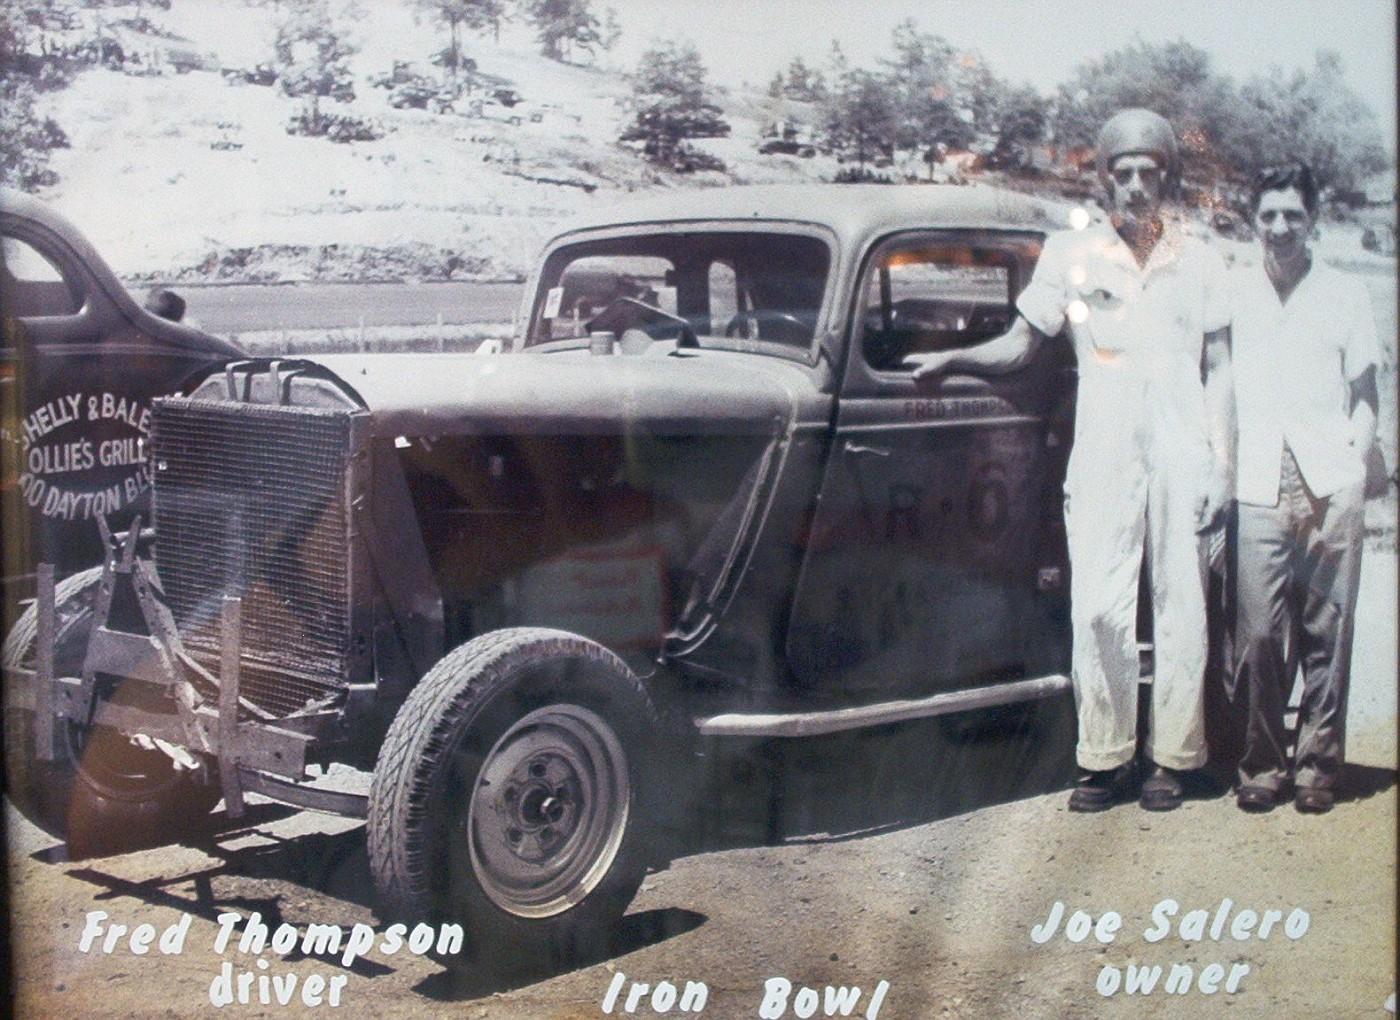 Fred Thompson              Joe Salero